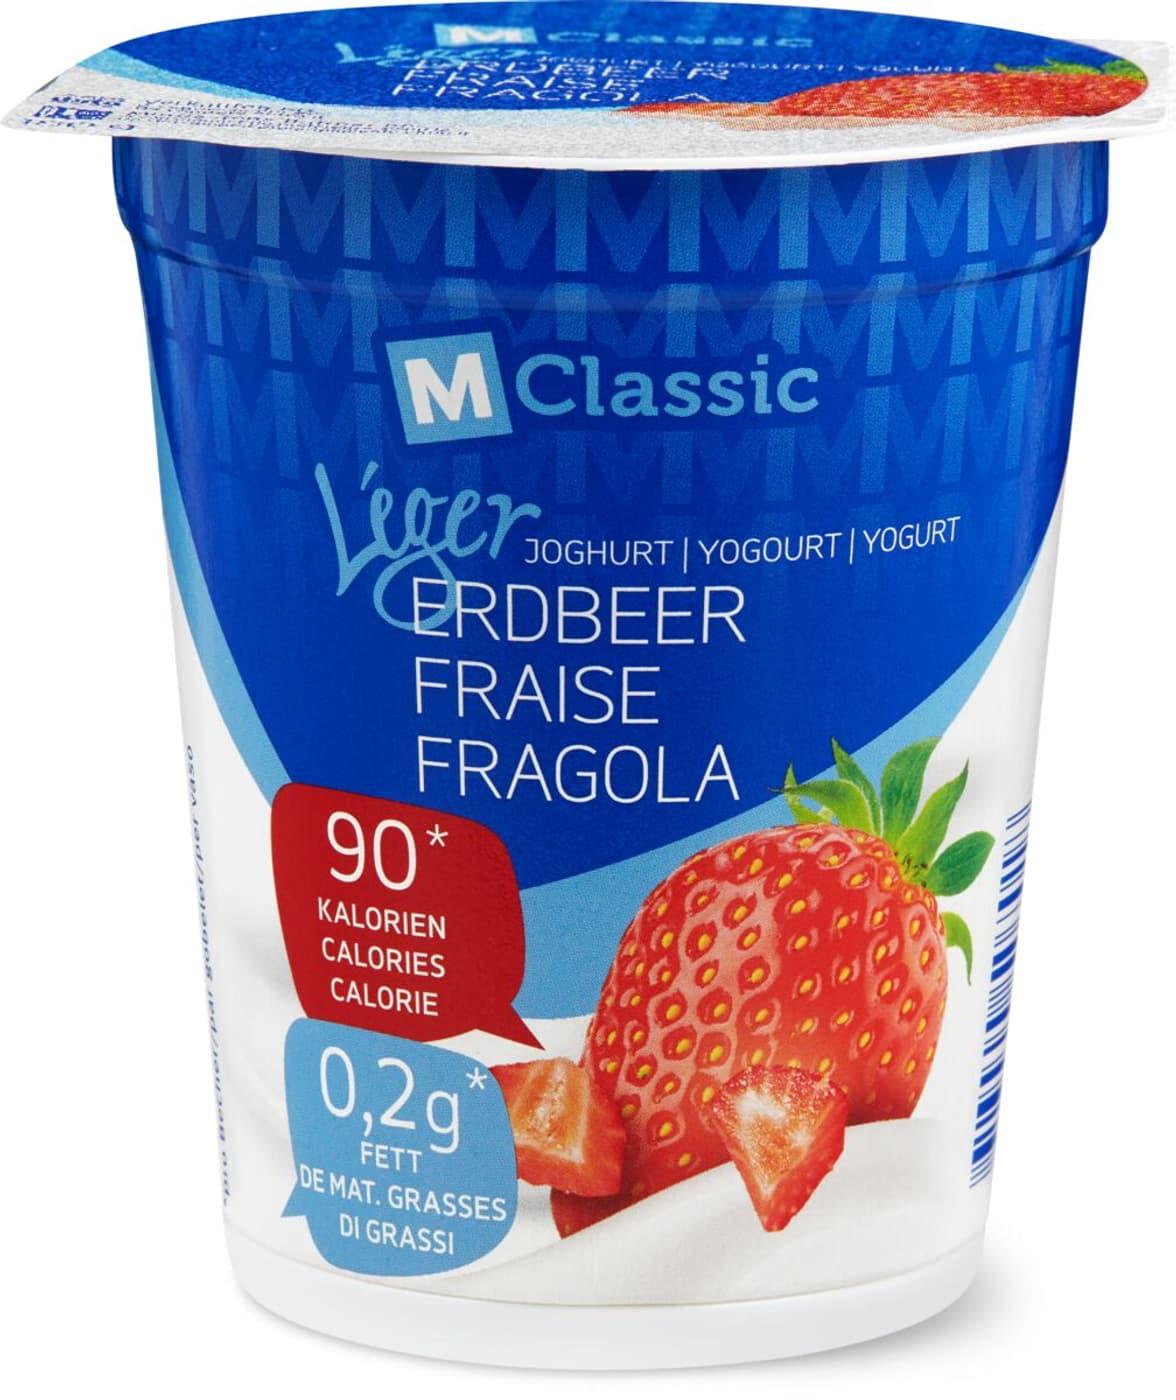 M Classic Joghurt Erdbeer léger